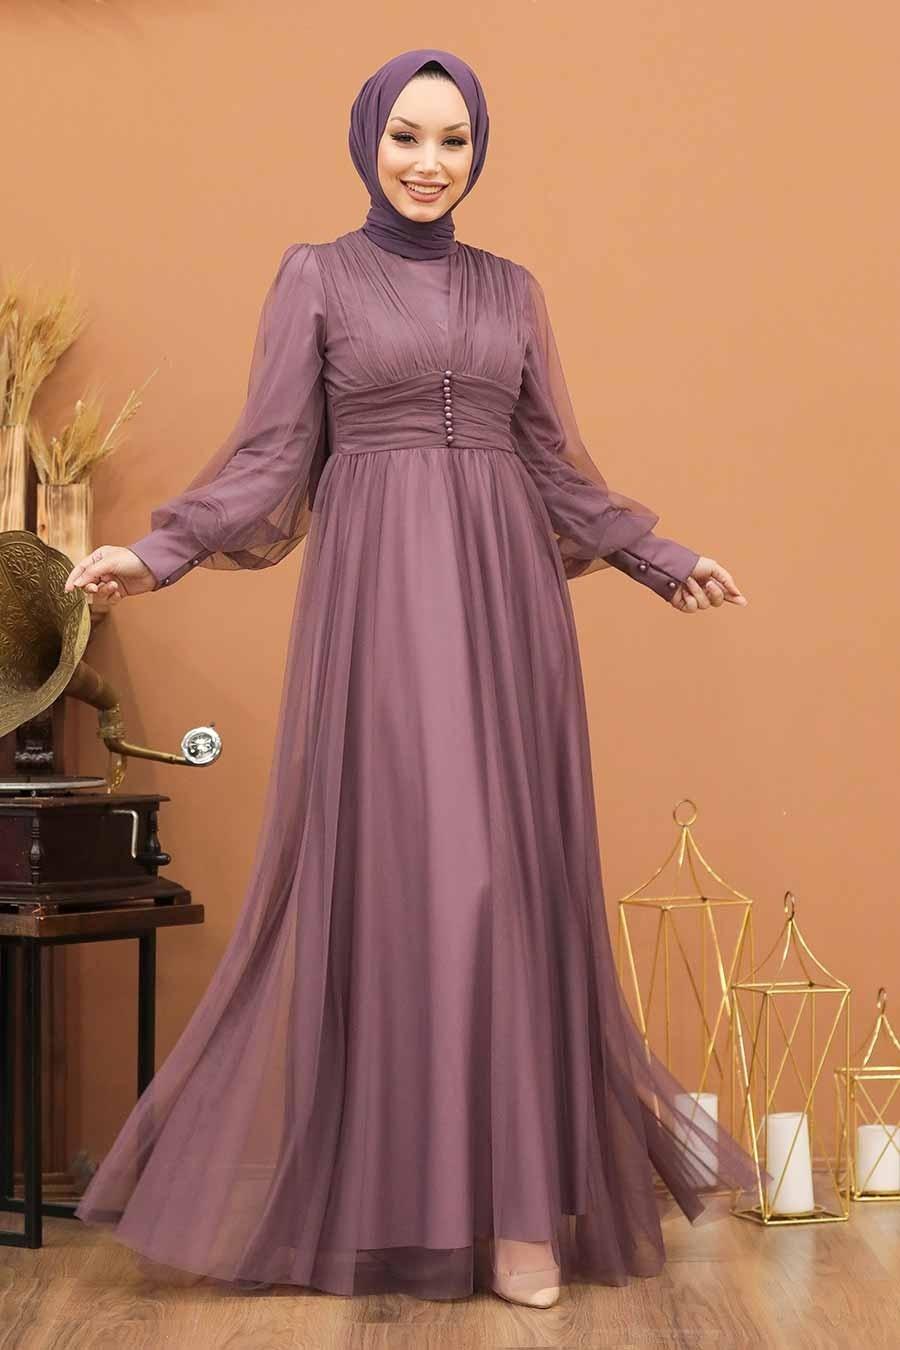 Tesettürlü Abiye Elbise - Düğme Detaylı Koyu Lila Tesettür Abiye Elbise 5478KLILA